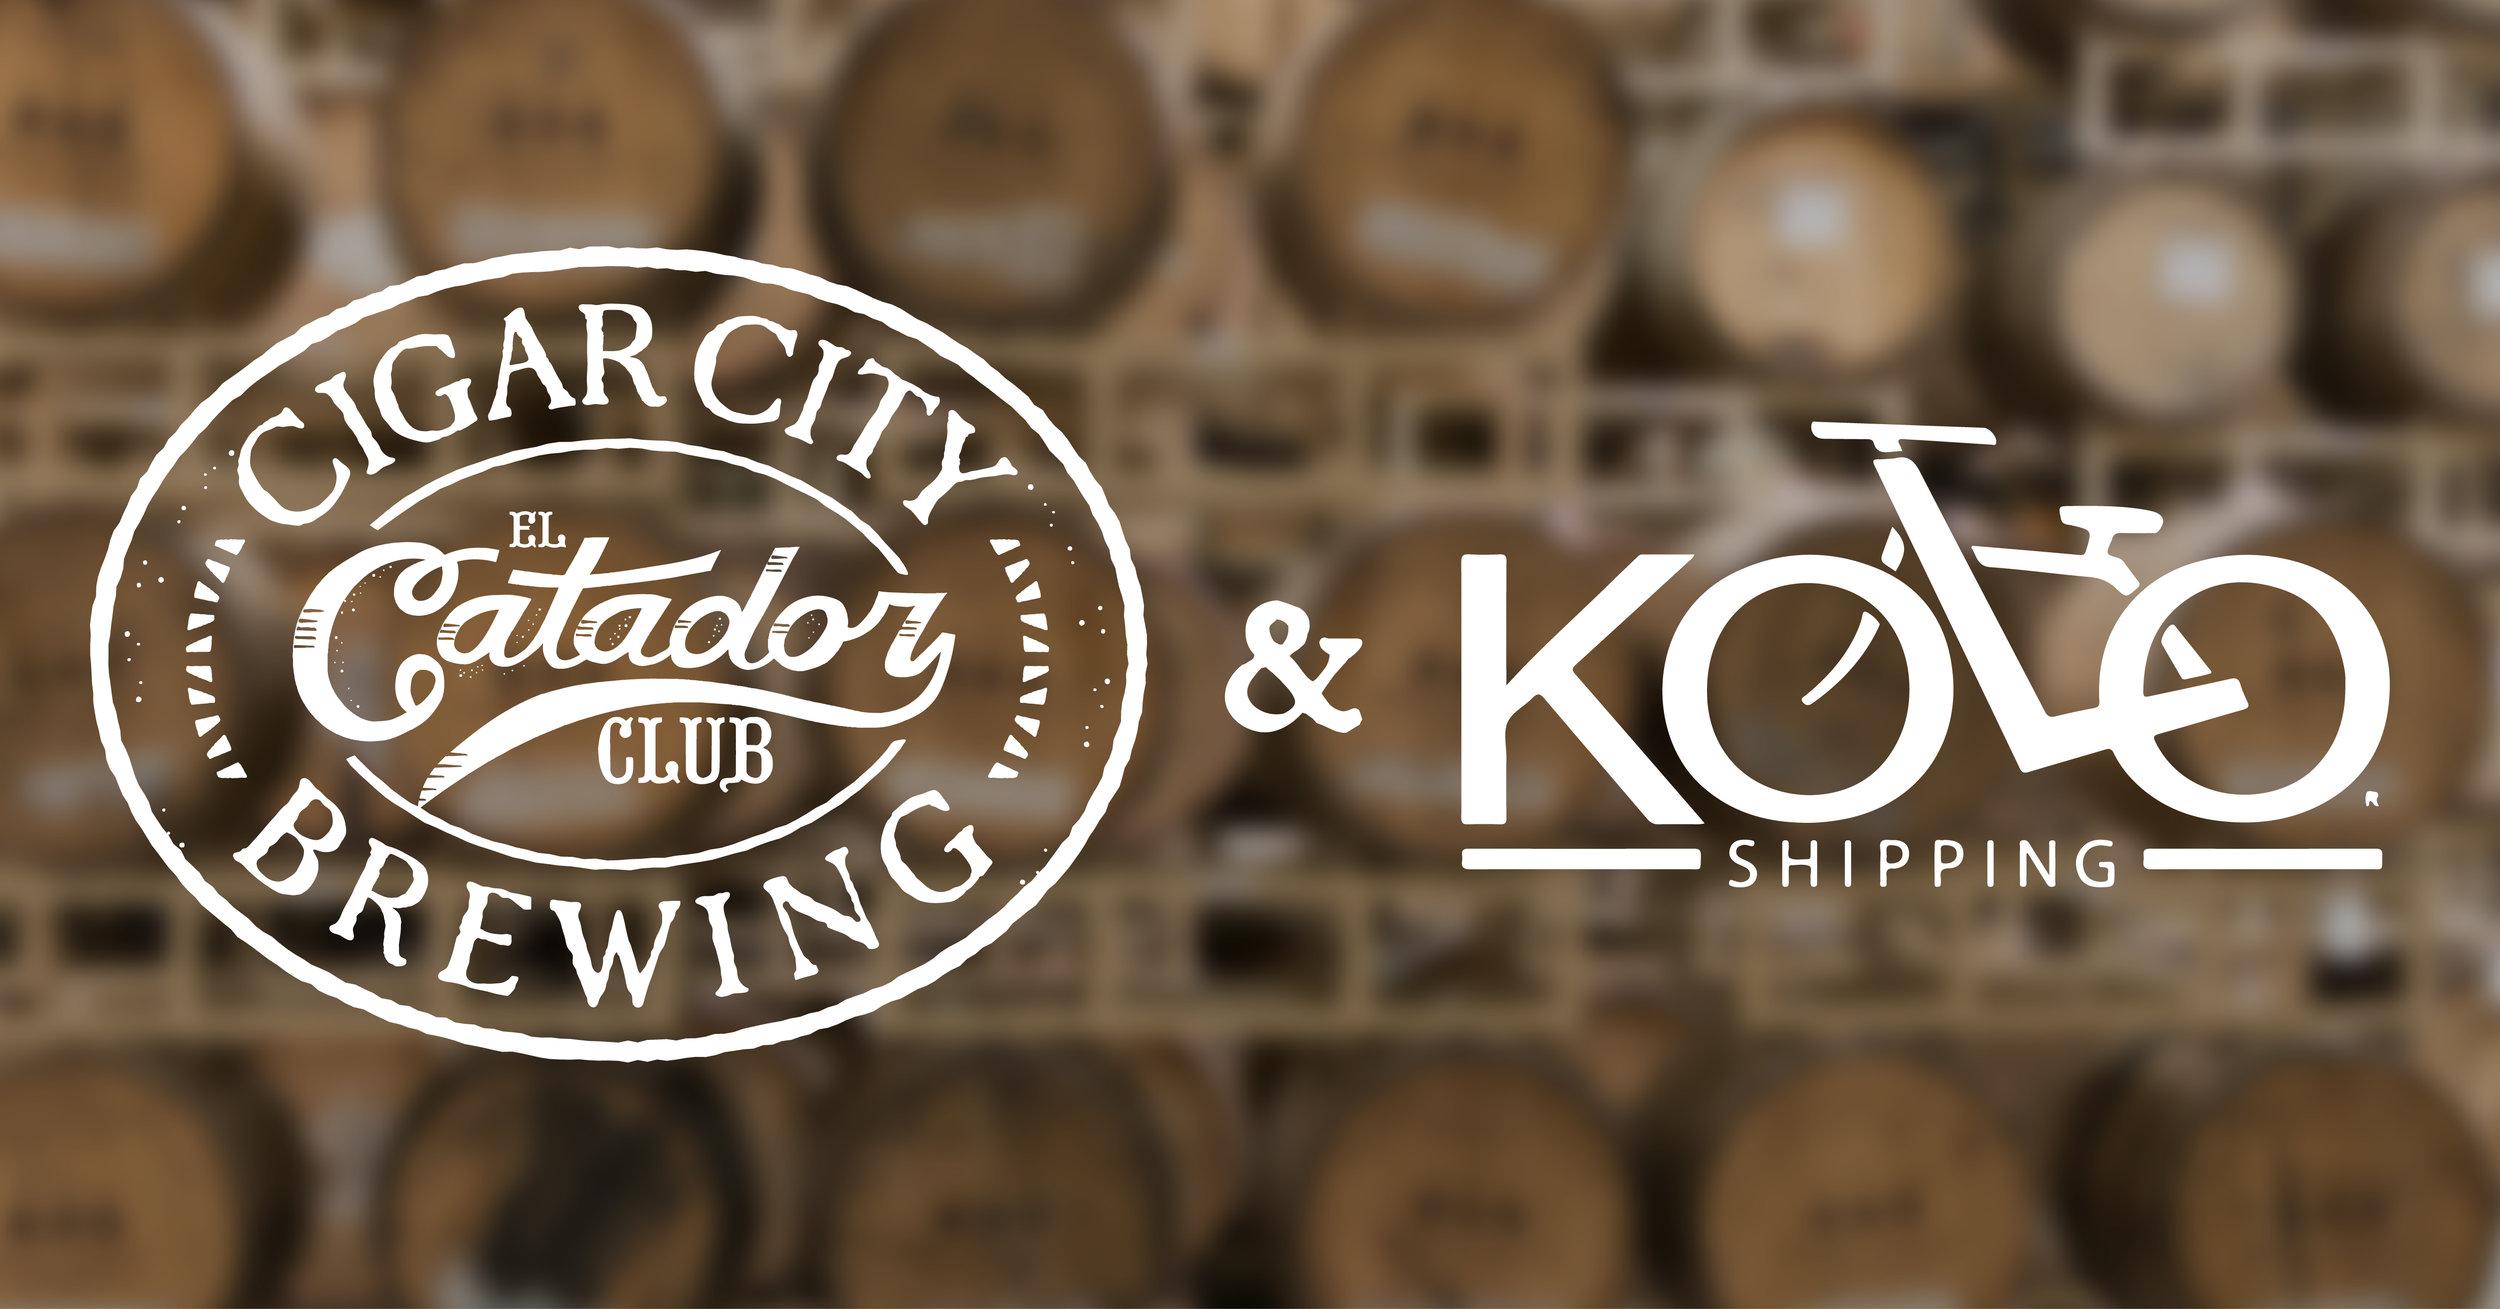 KOLO & Cigar City Breweing El Catador Club.jpg